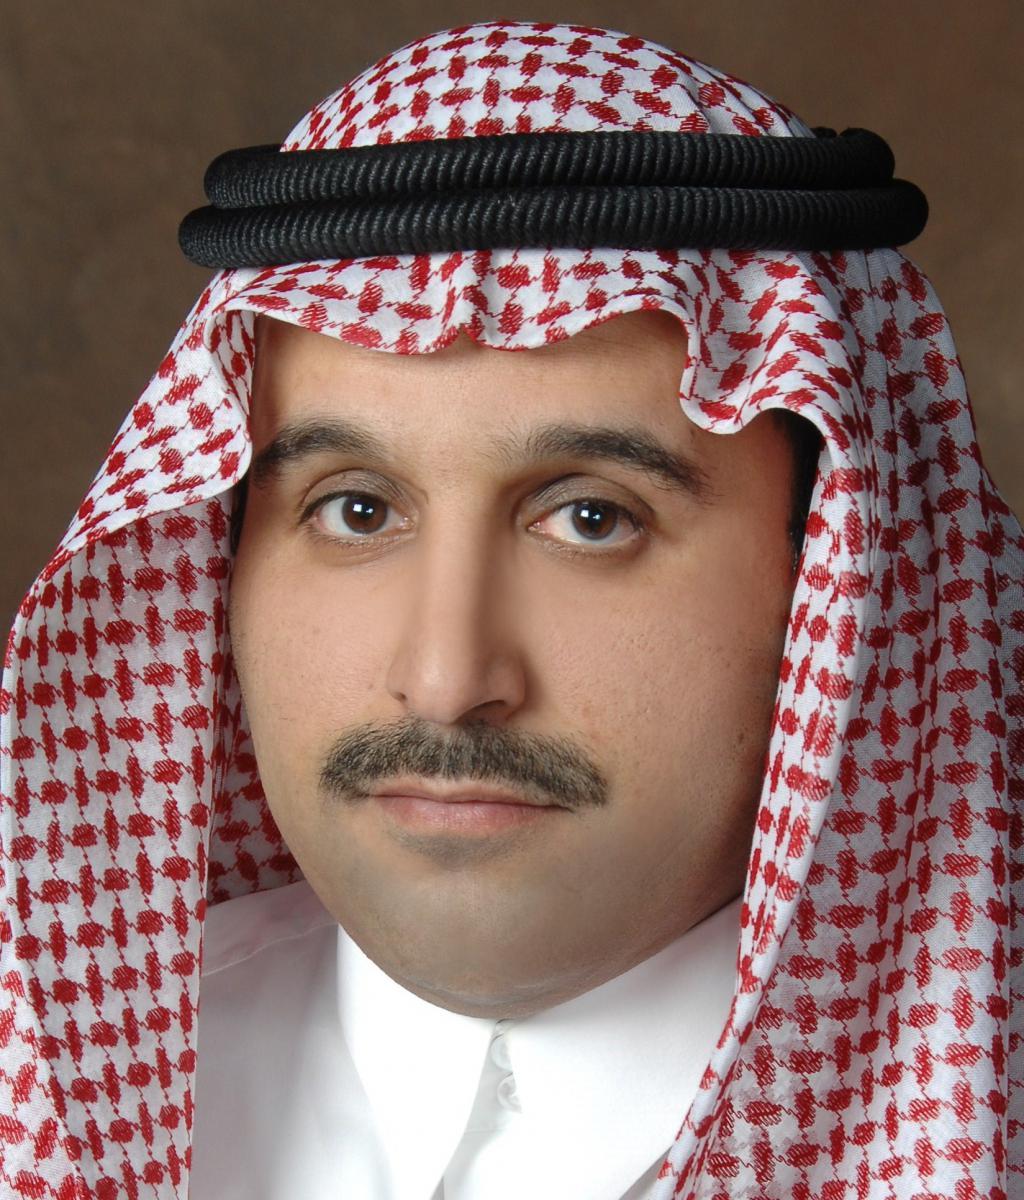 Abdulaziz O. Al-Jasser